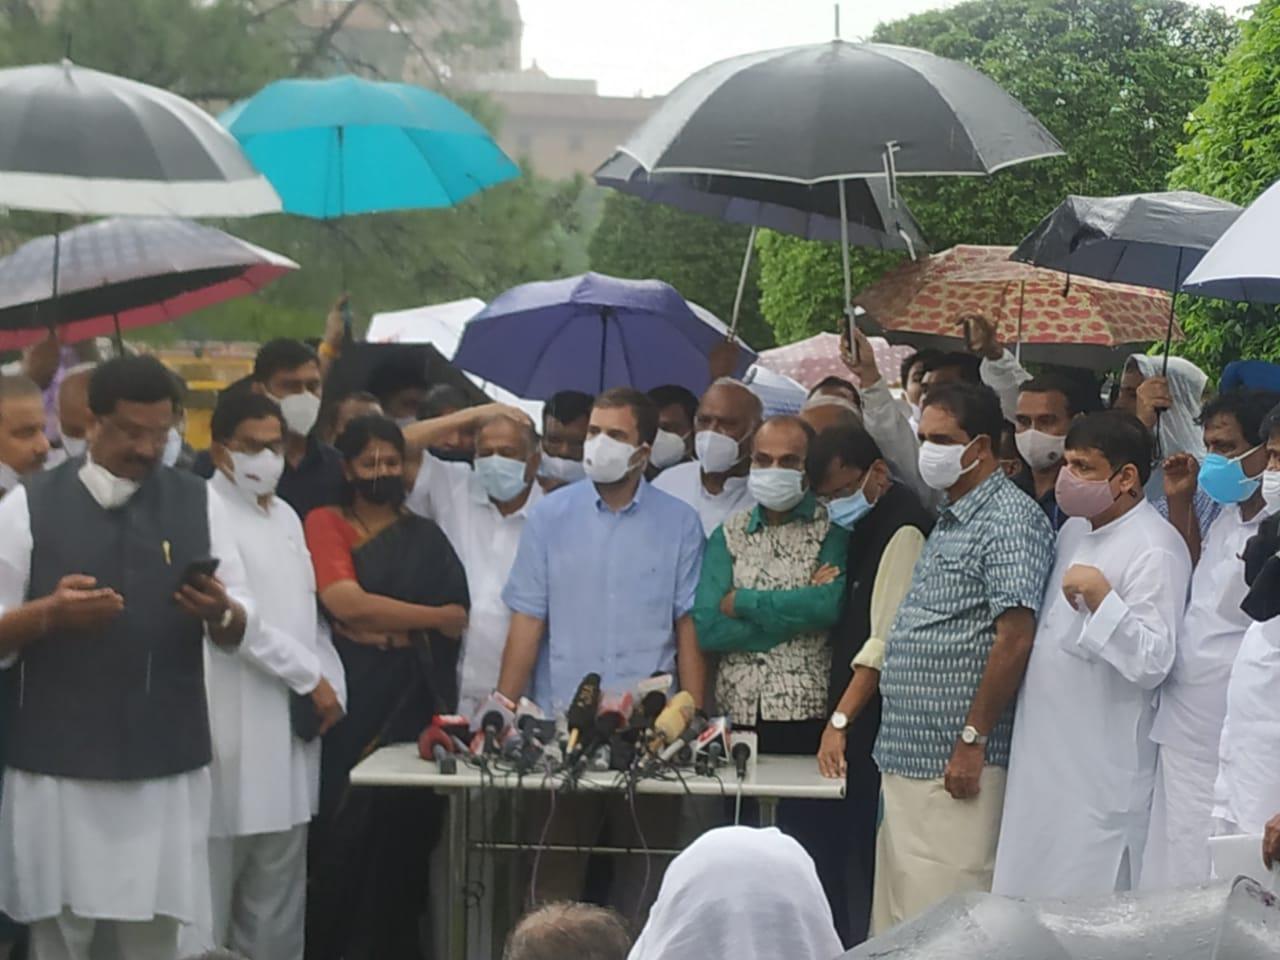 Pegasus : सरकार के खिलाफ विपक्ष का हल्लाबोल, राहुल गांधी ने पूछा- जासूसी मुद्दे पर सरकार सदन में दे जवाब